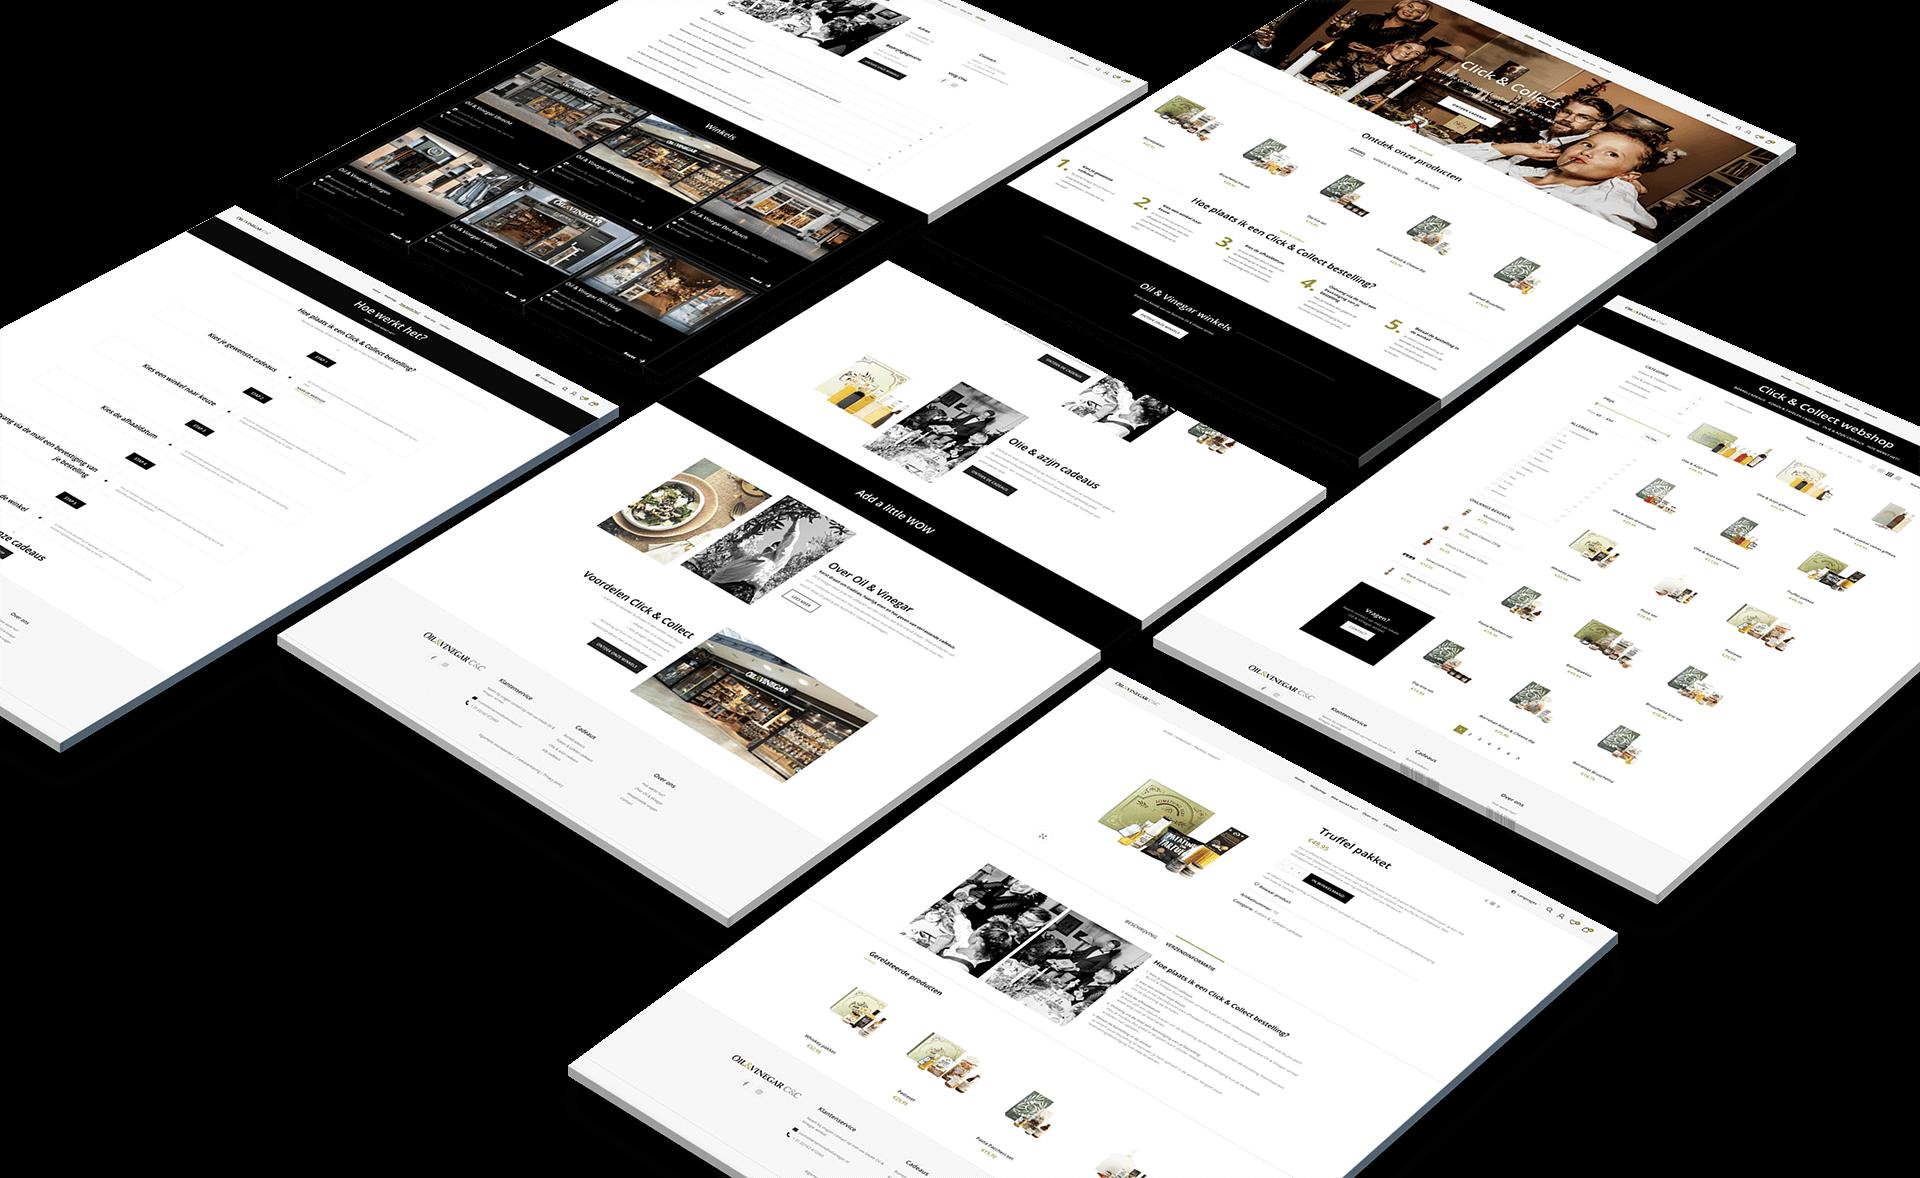 Webshop template